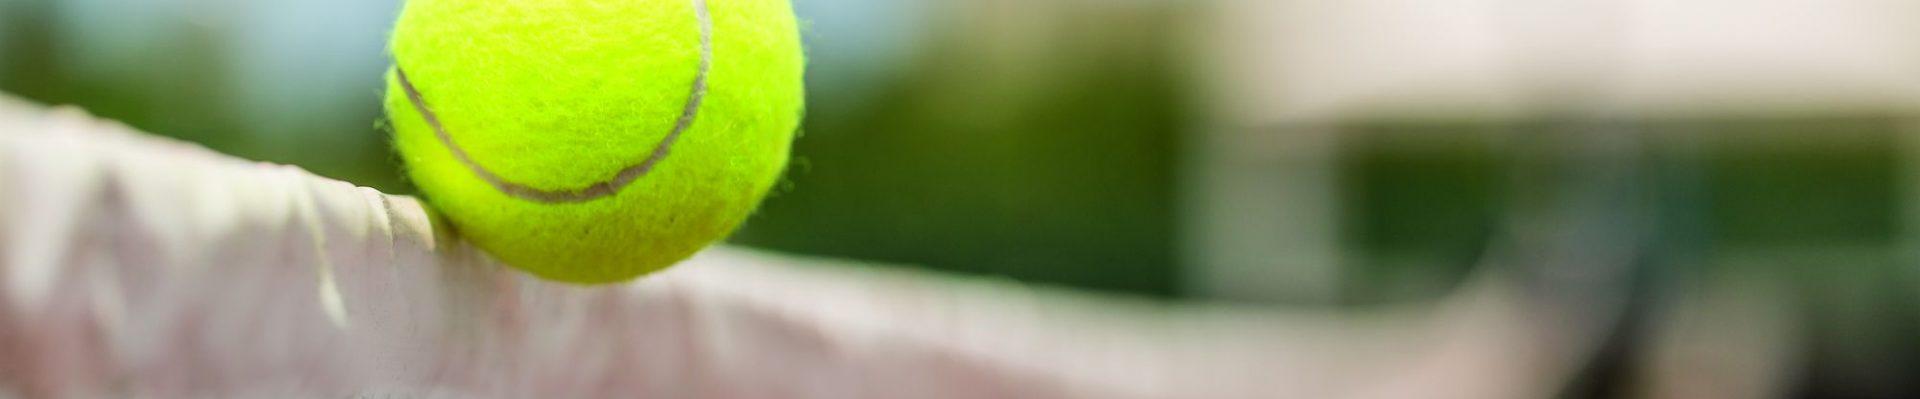 Hollandscheveldse Tennis Club